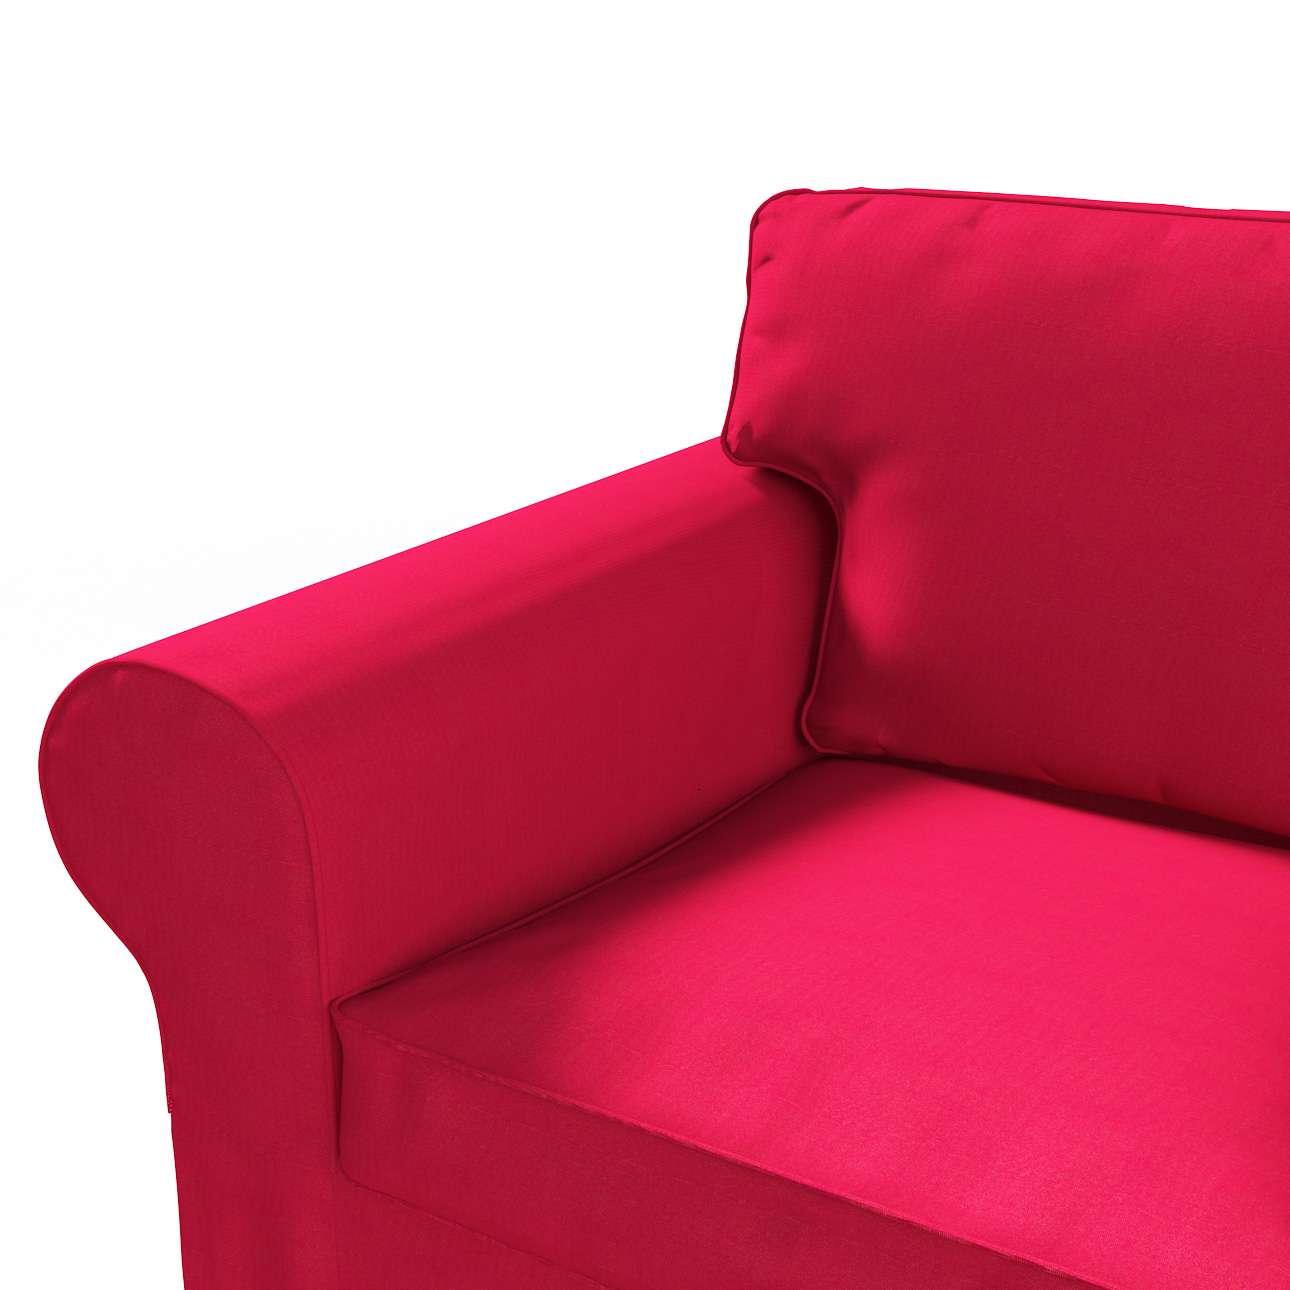 Pokrowiec na sofę Ektorp 2-osobową, nierozkładaną Sofa Ektorp 2-osobowa w kolekcji Etna , tkanina: 705-60